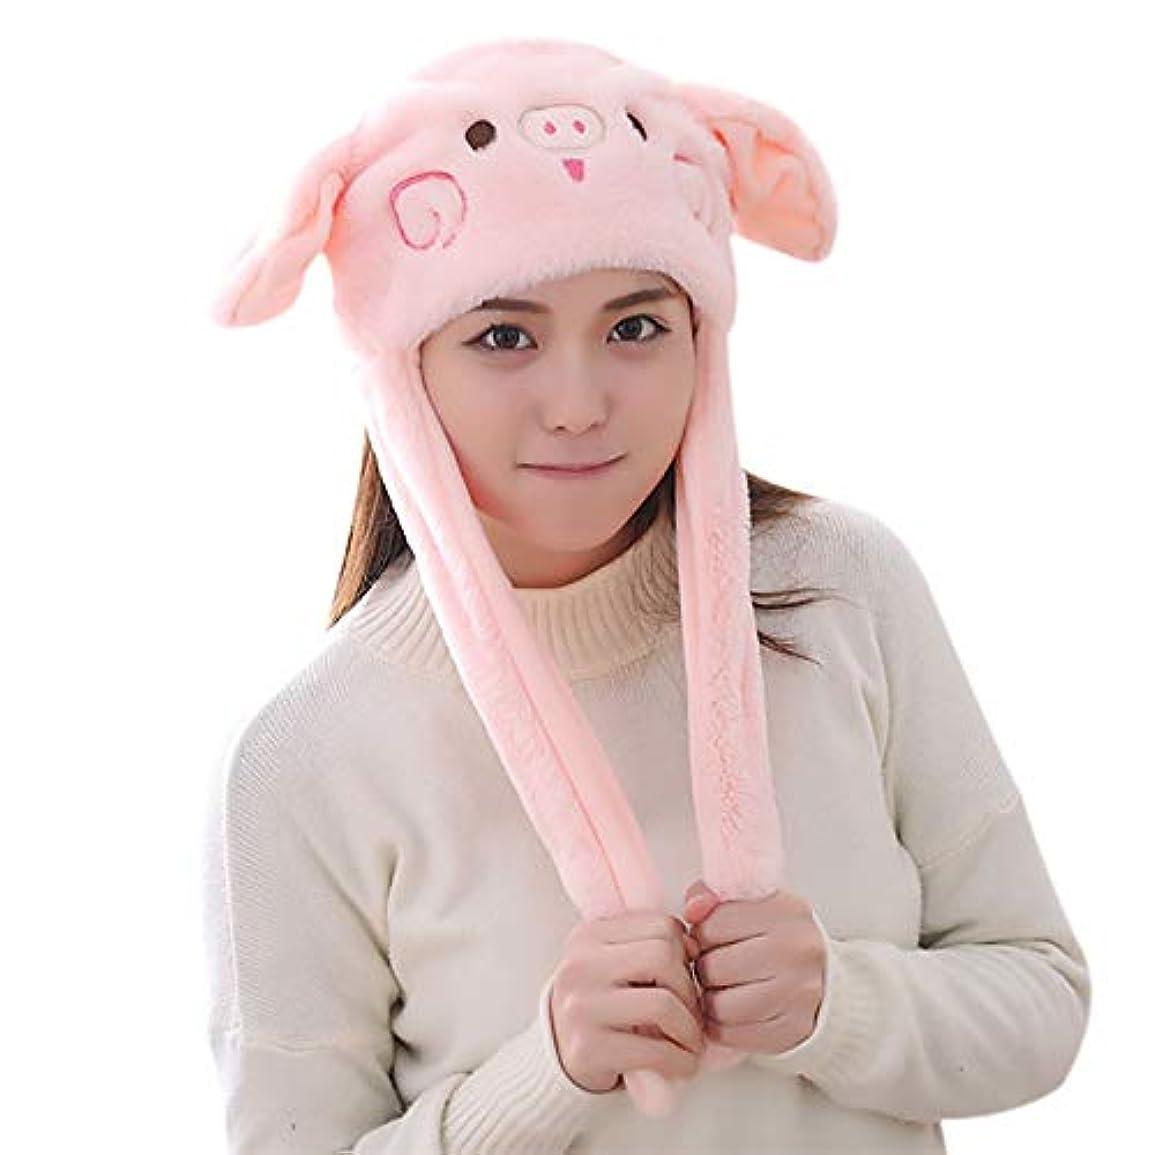 レモン構想する先ぬいぐるみ豚の耳の帽子のキャップ動物の耳の帽子のおもちゃ動く耳の動物の帽子プッシュノベルティコスプレキャップ (Style-2)